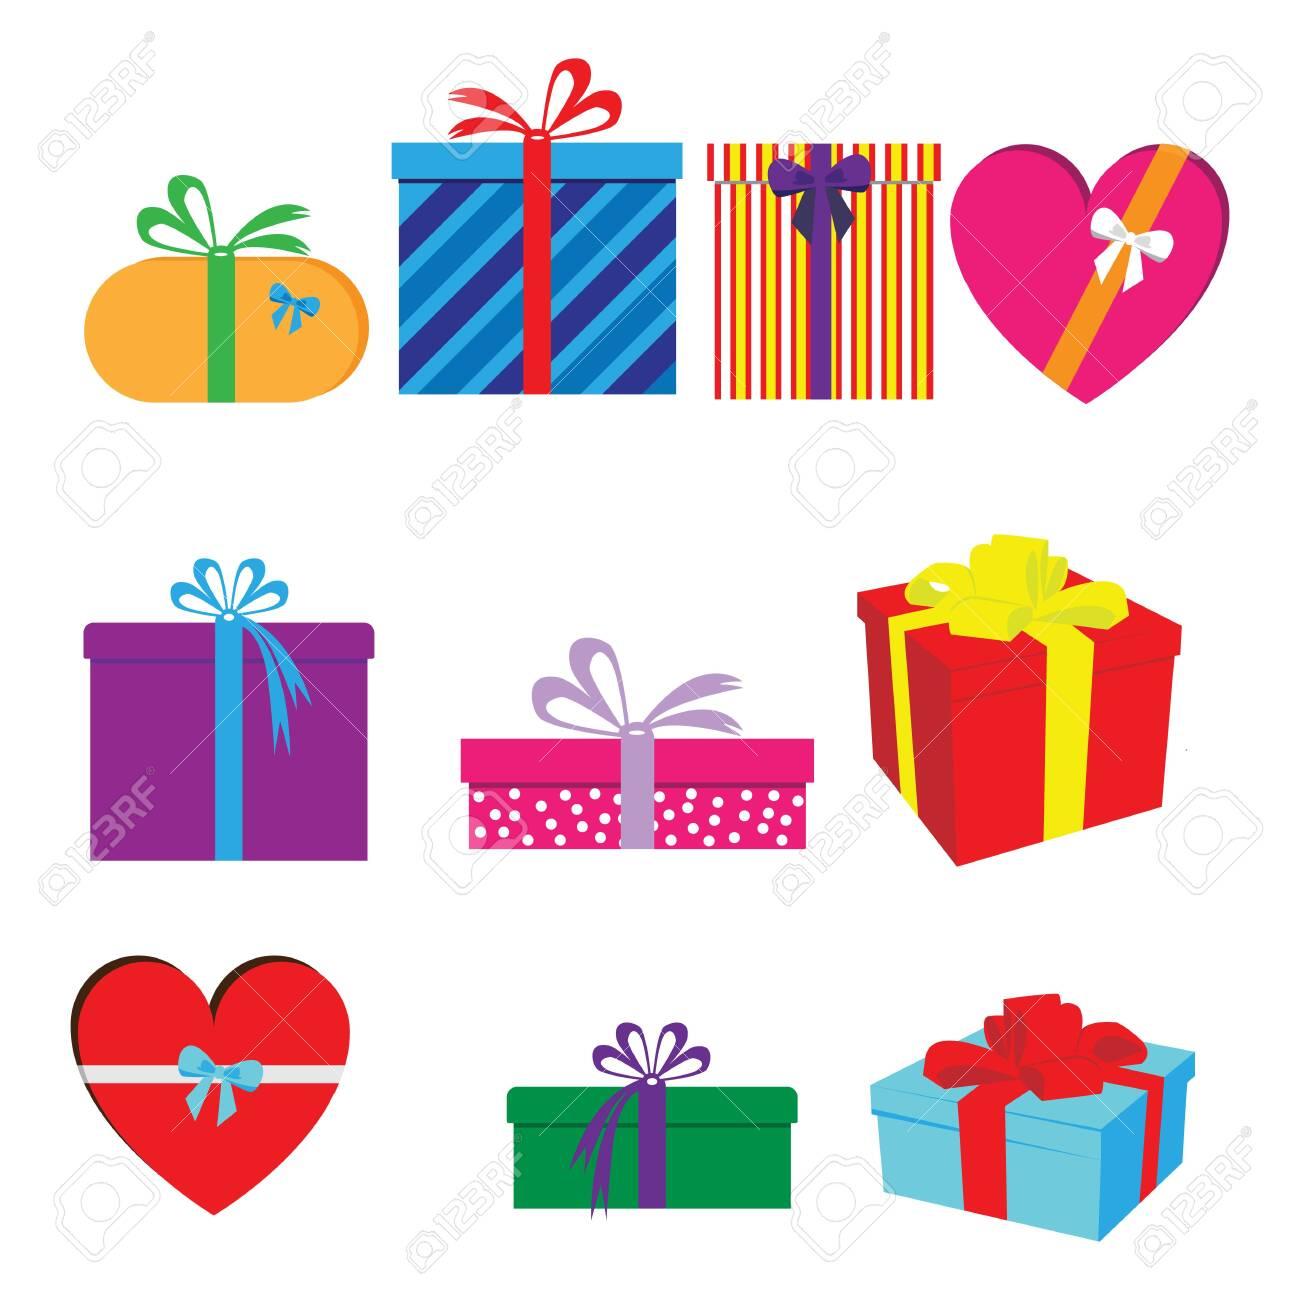 gift shape set - 138792914